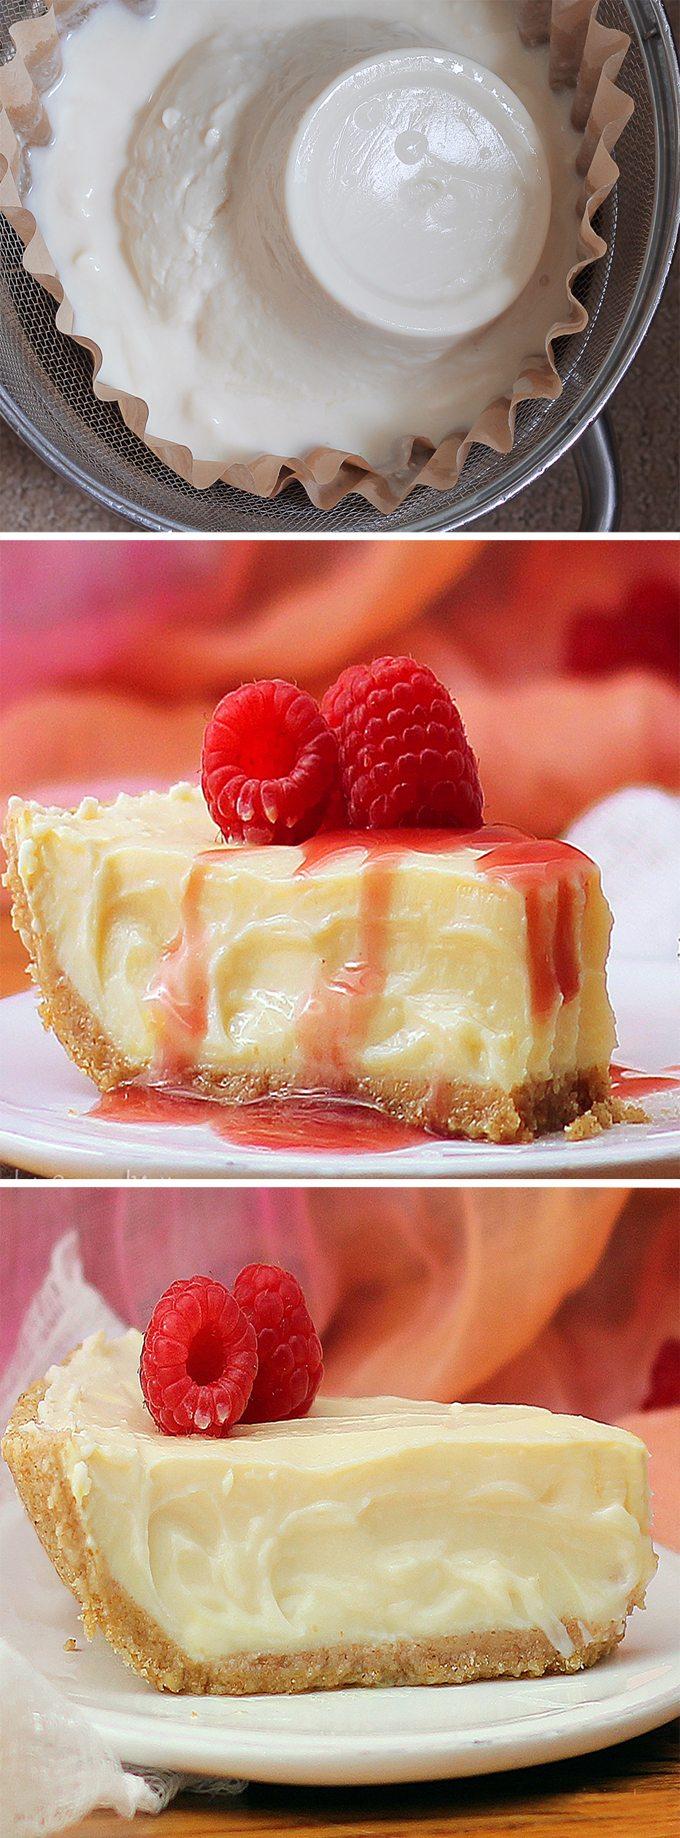 Greek Yogurt Cheesecake – Ingredients: 2 cups yogurt, 1/4 cup maple ...